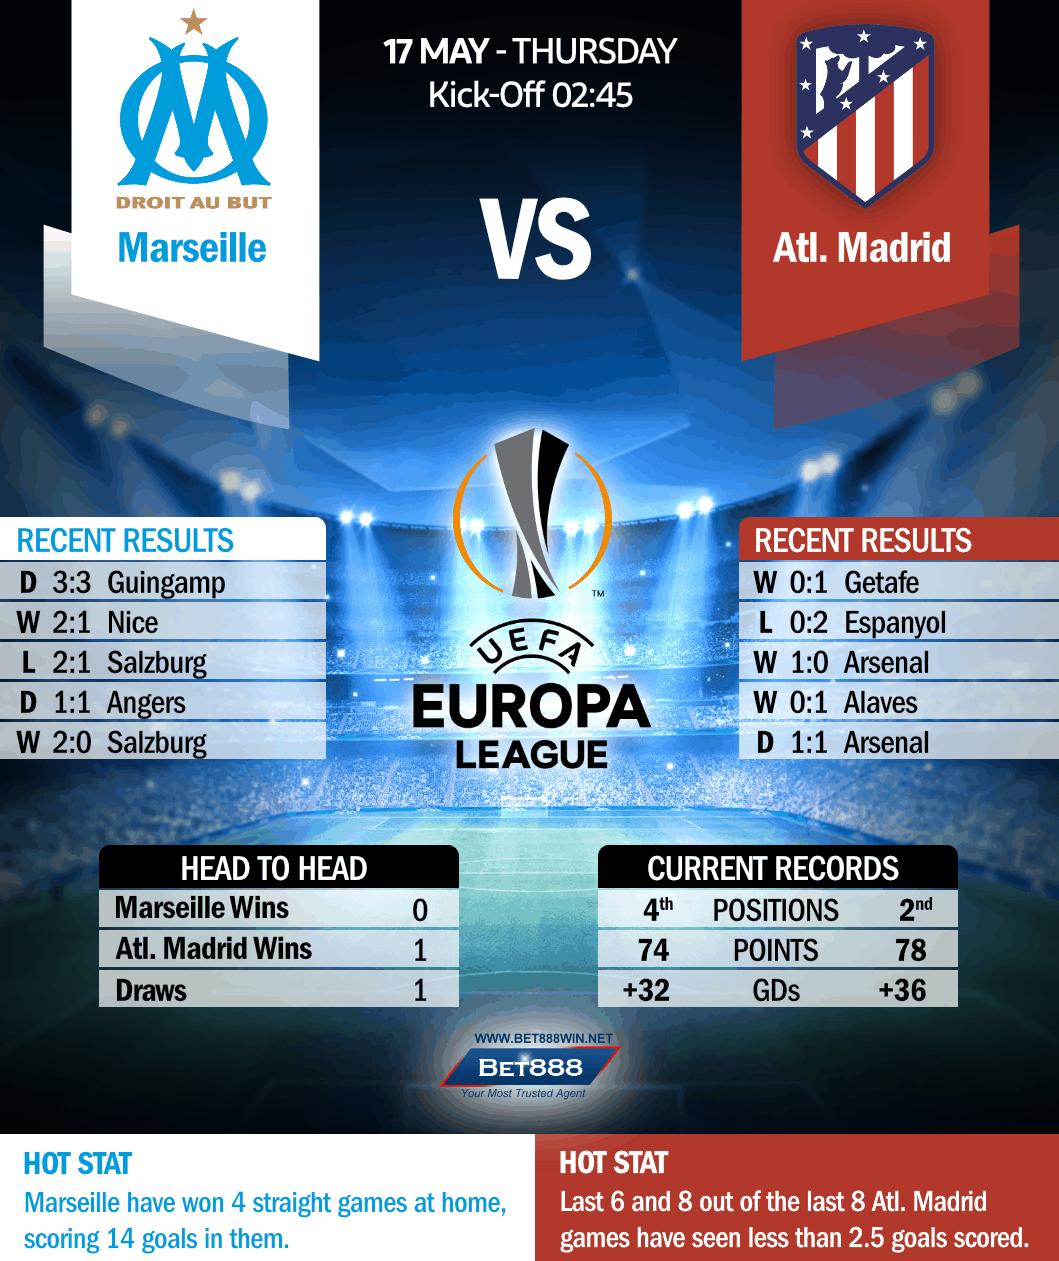 Marseille vs Atletico Madrid 17/05/18